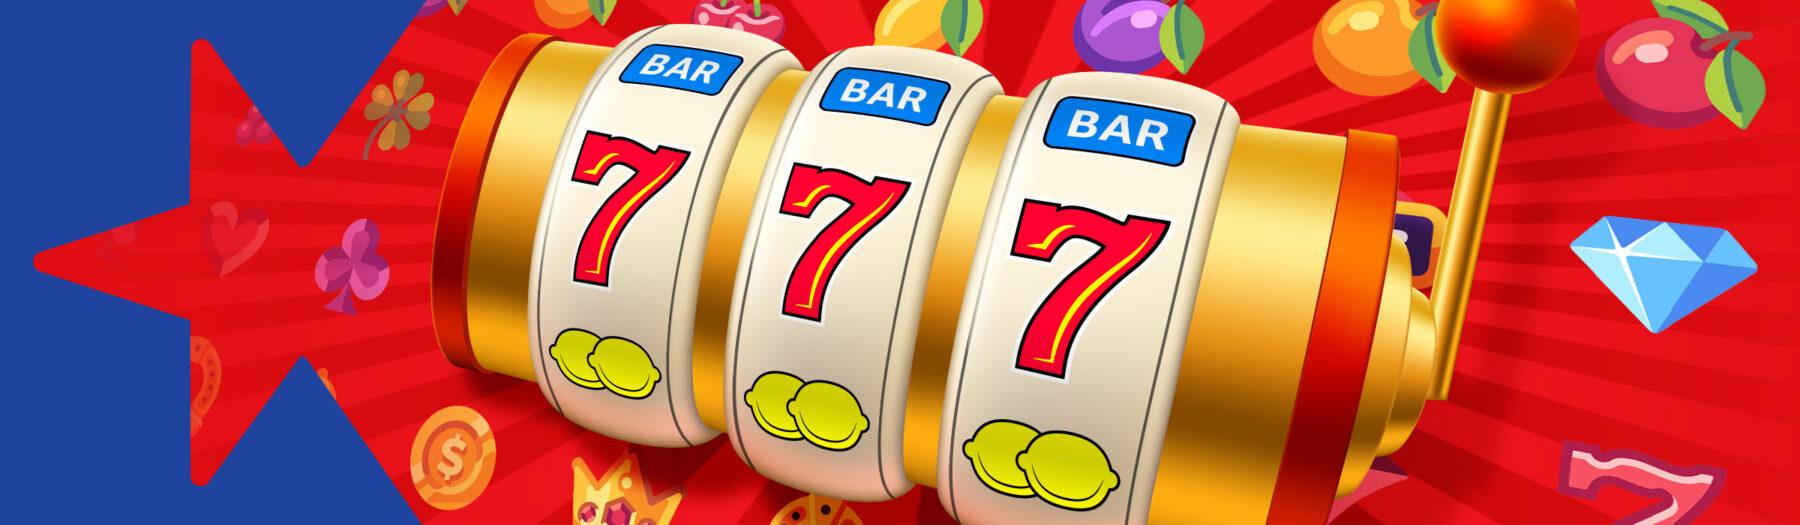 Jugar a Tragamonedas de Bar con el Dispositivo Móvil